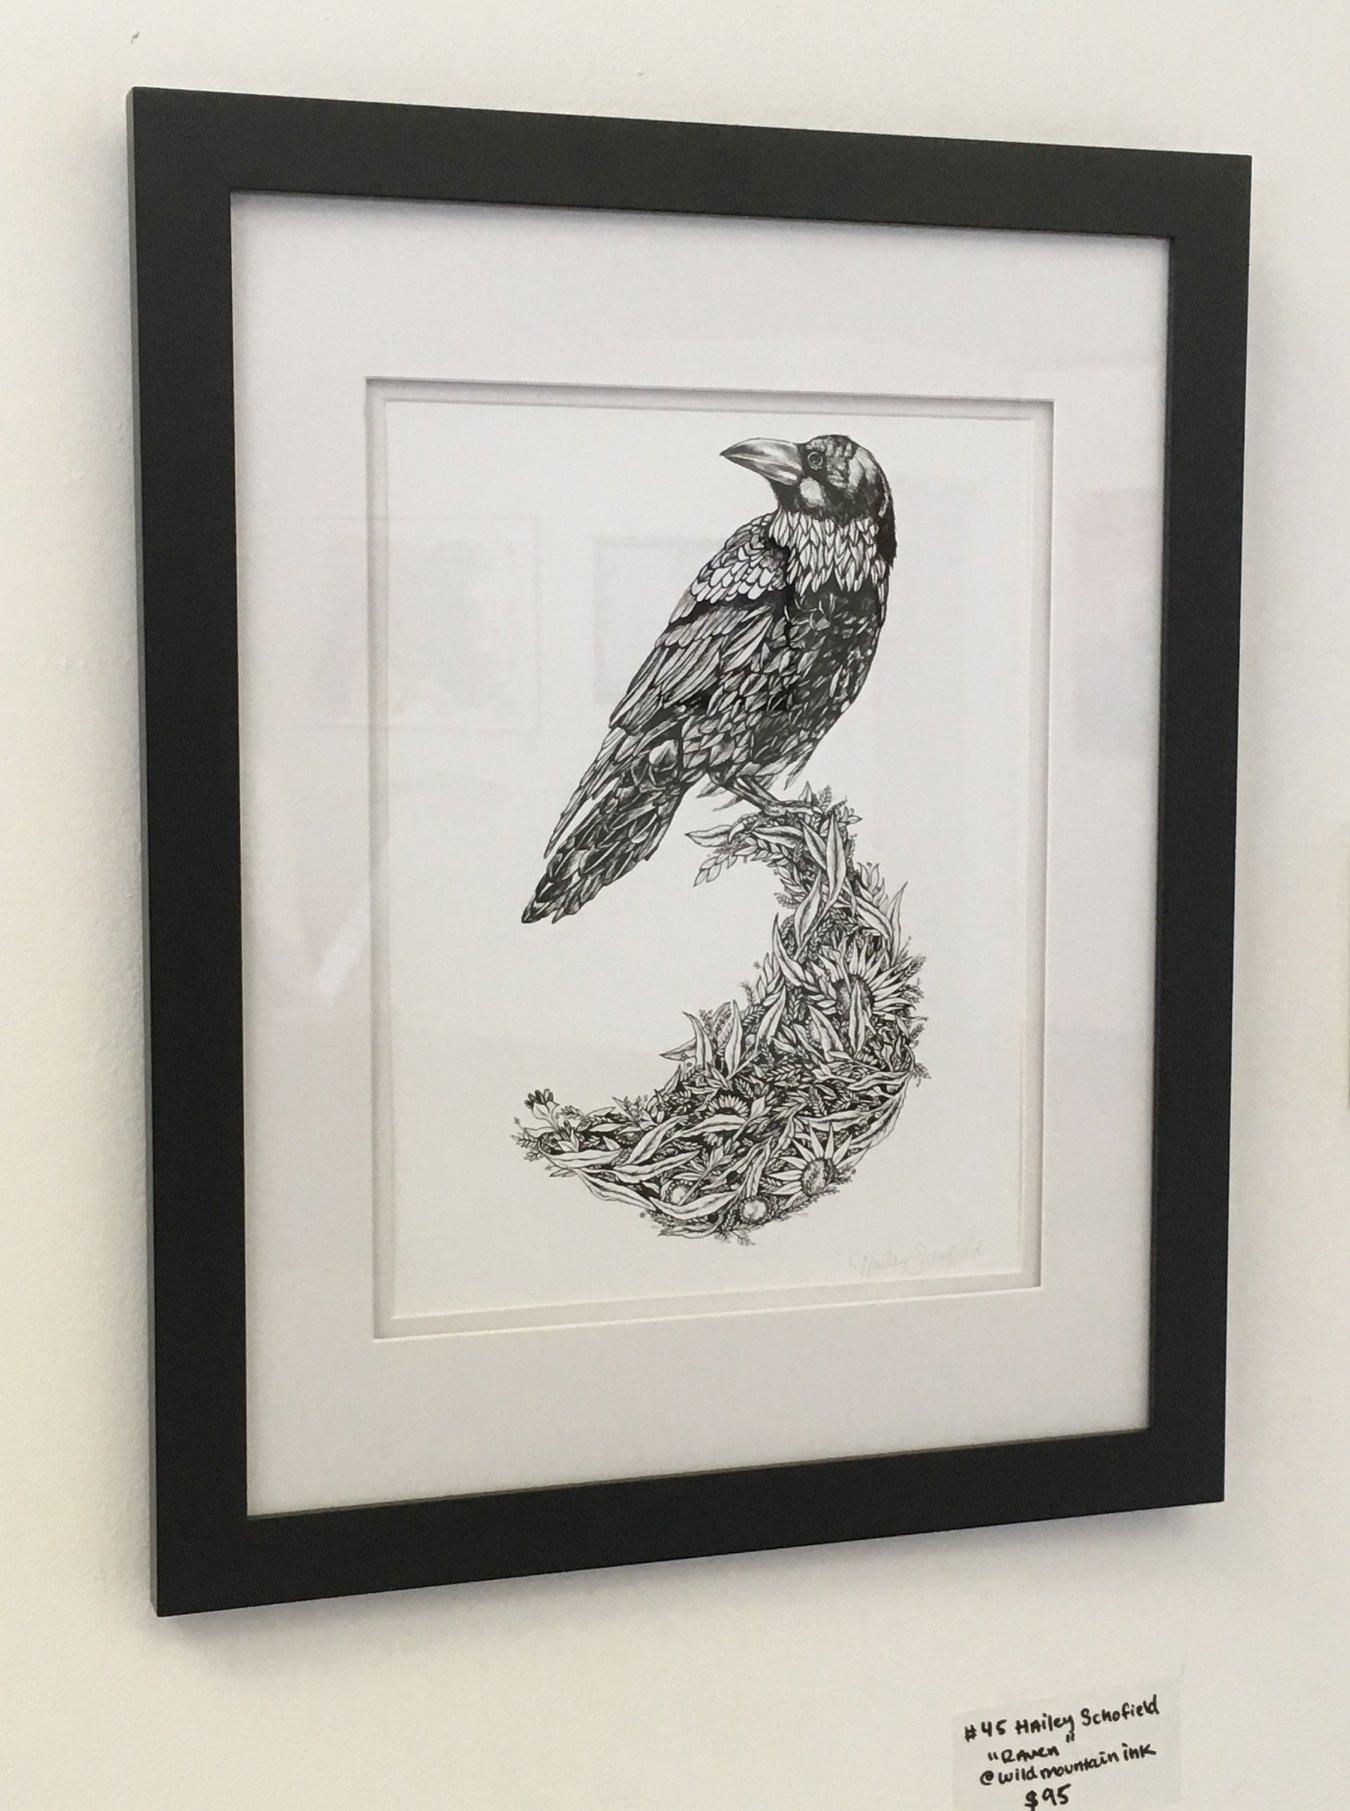 """Hailey Schofield - """"Raven"""" Insta: @wildmountainink  For Sale: $95"""